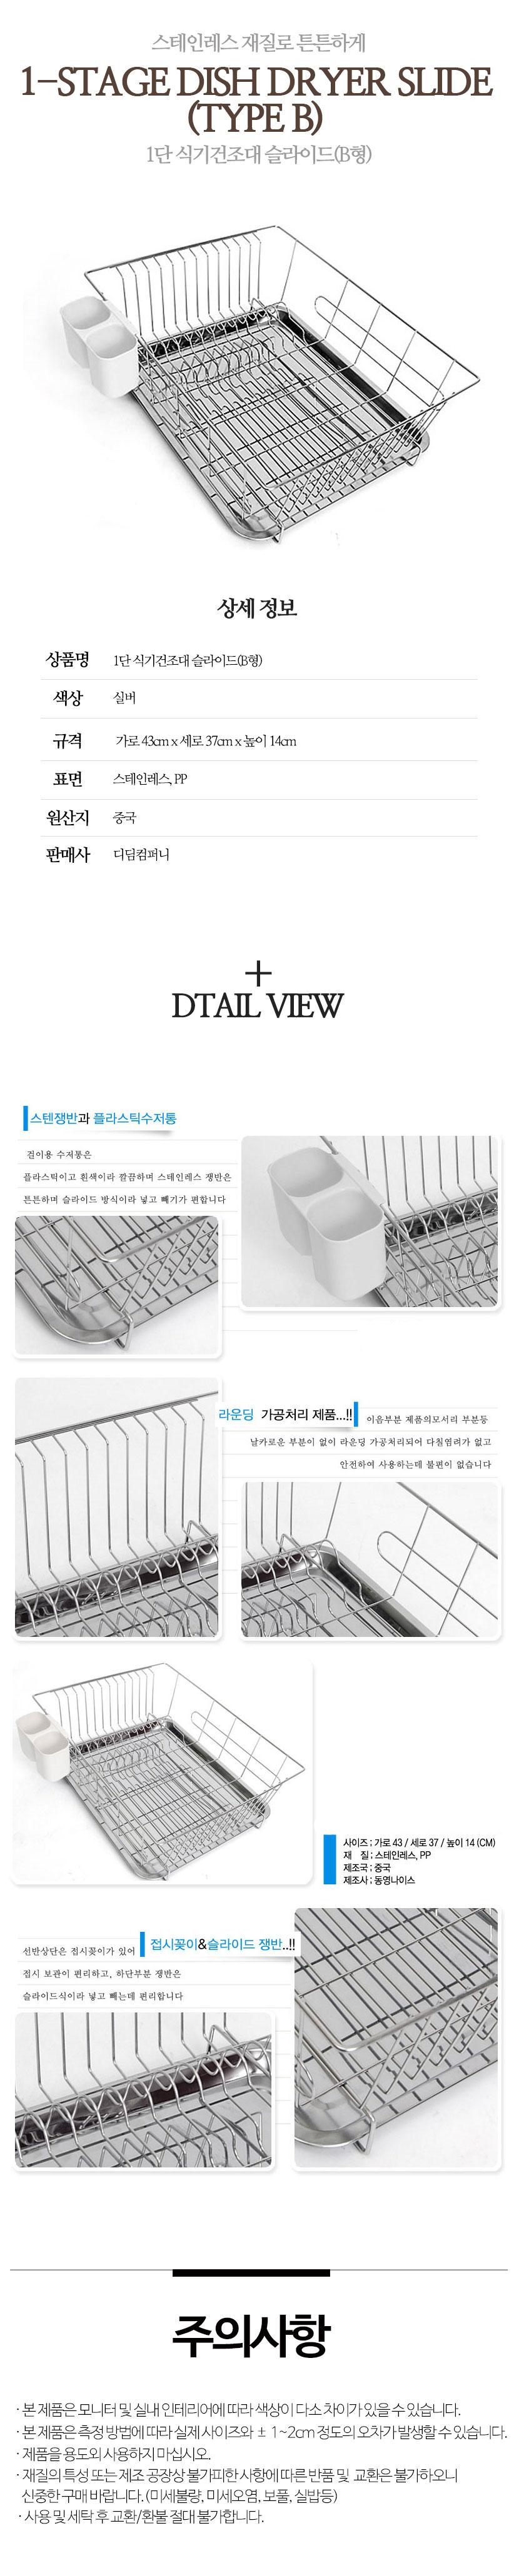 1단-식기건조대-슬라이드(B형).jpg